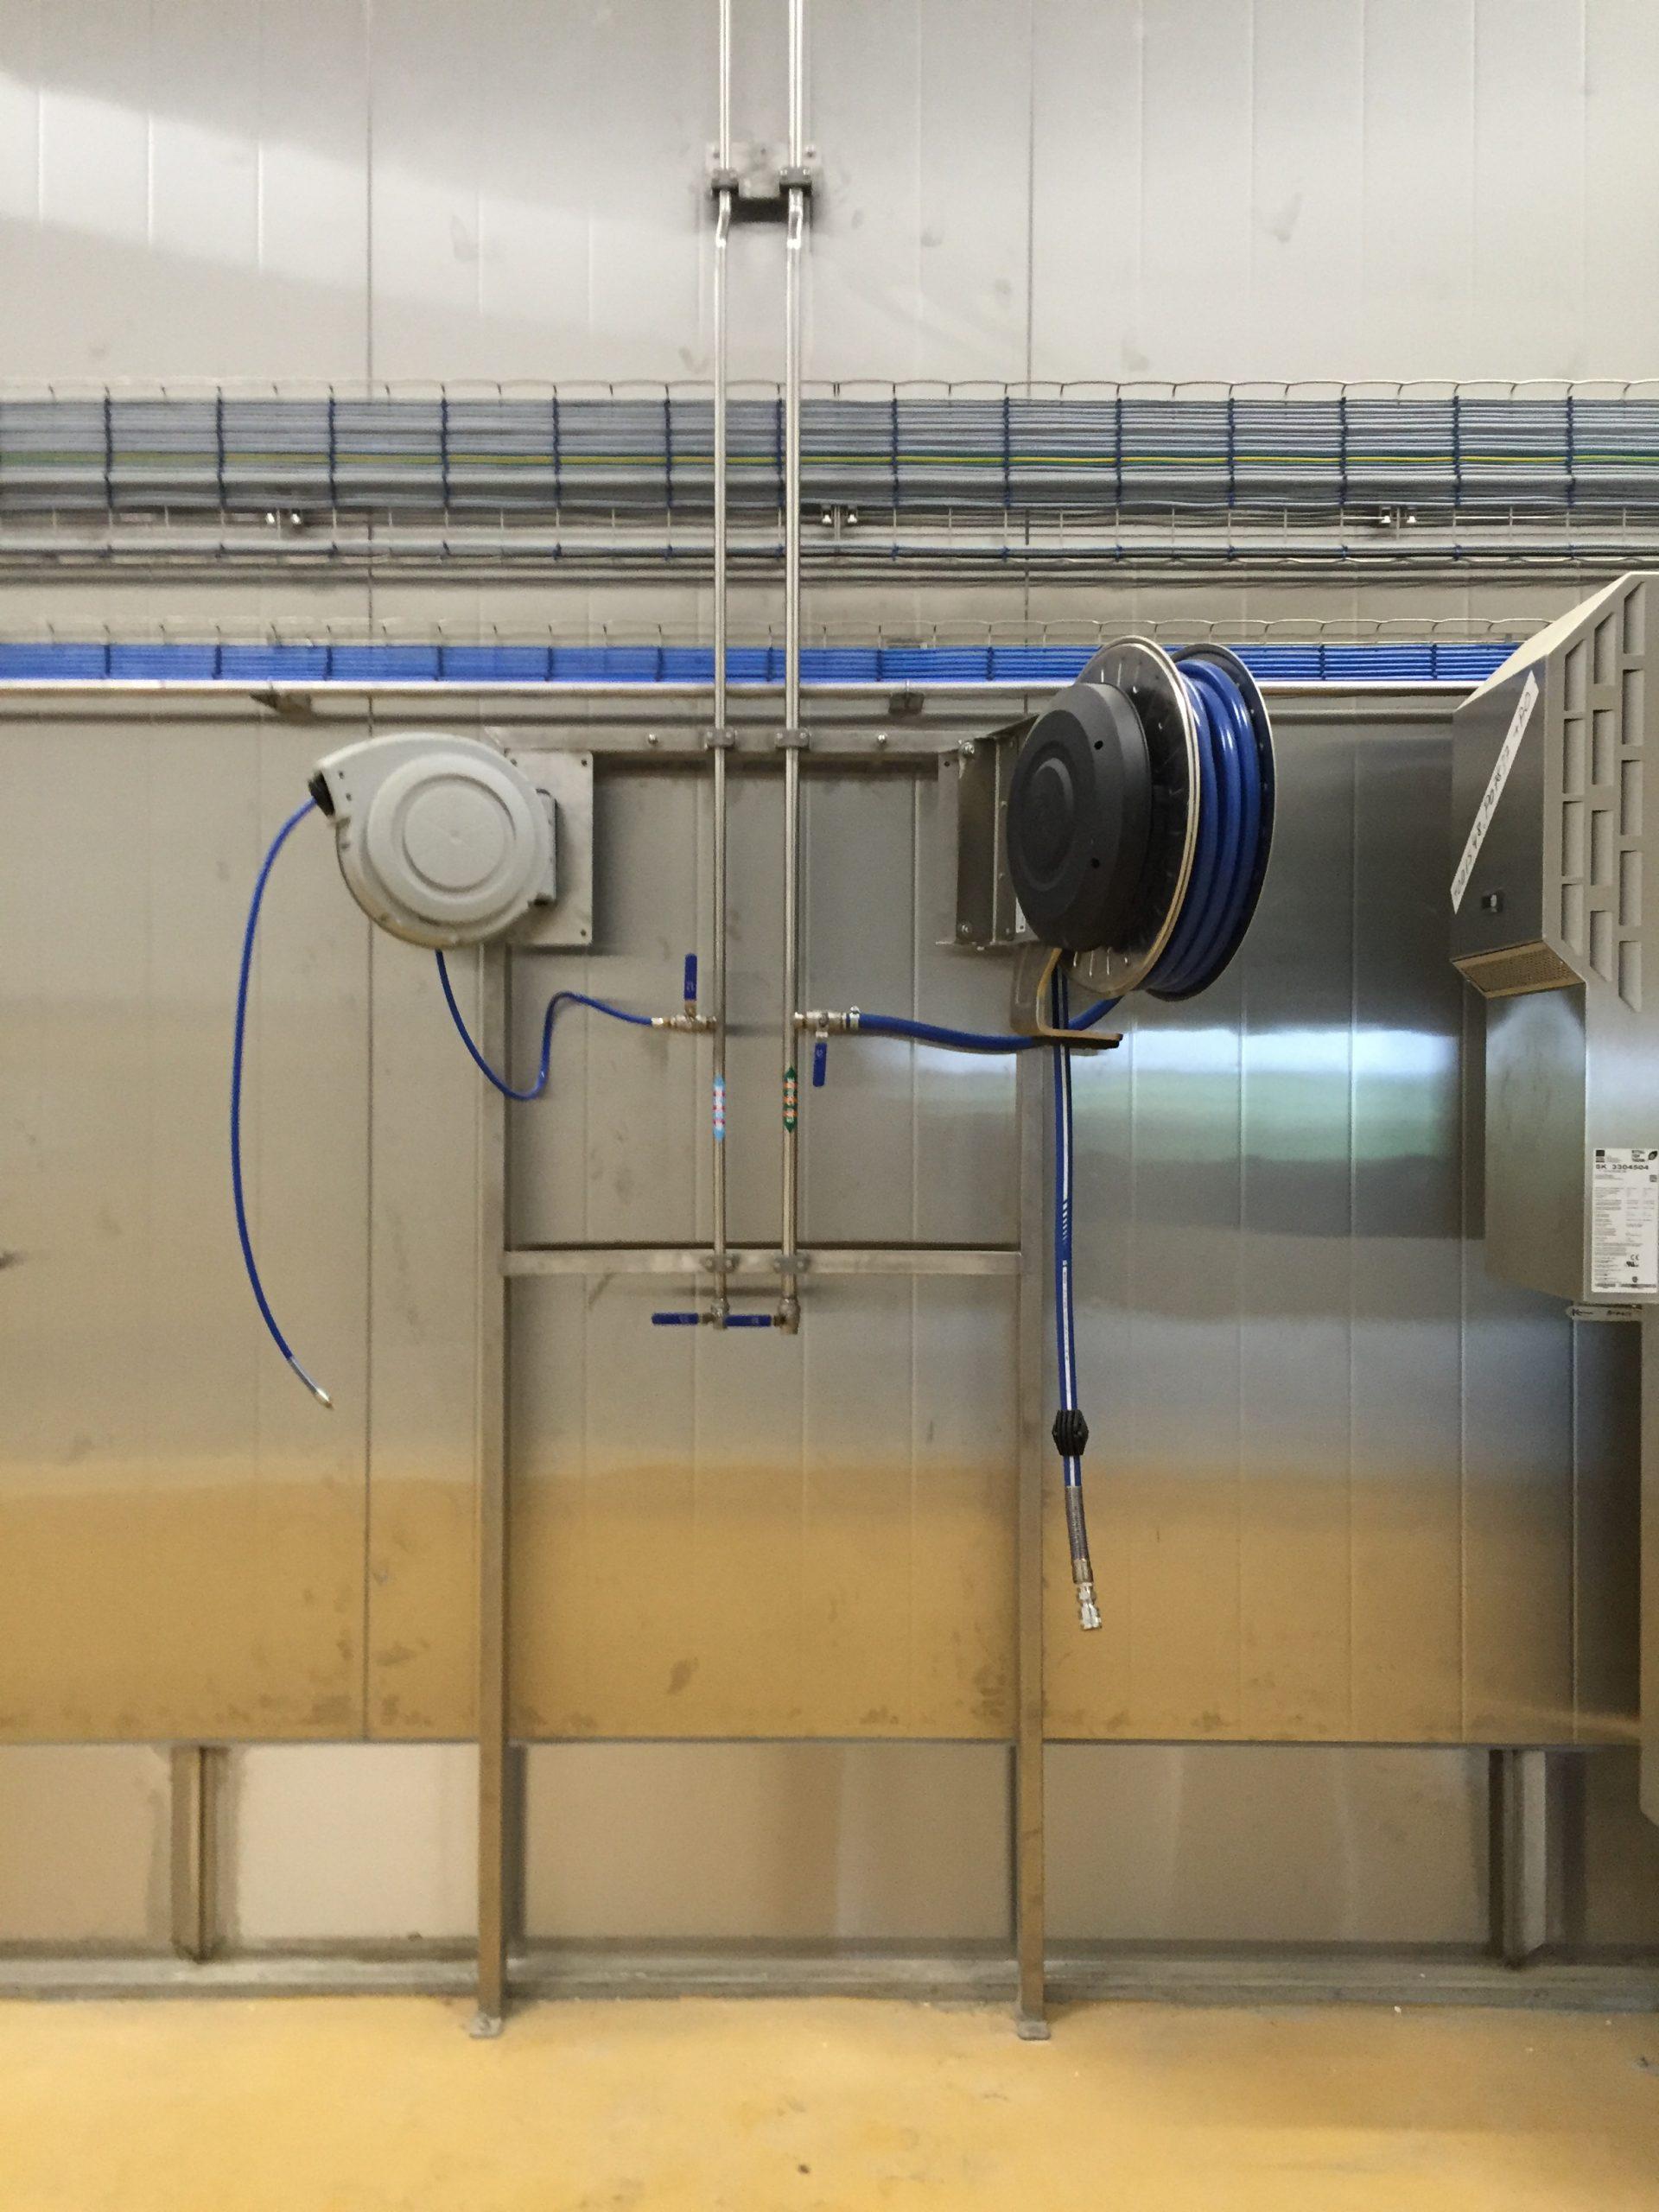 Enrouleurs air comprimé et eau chaude